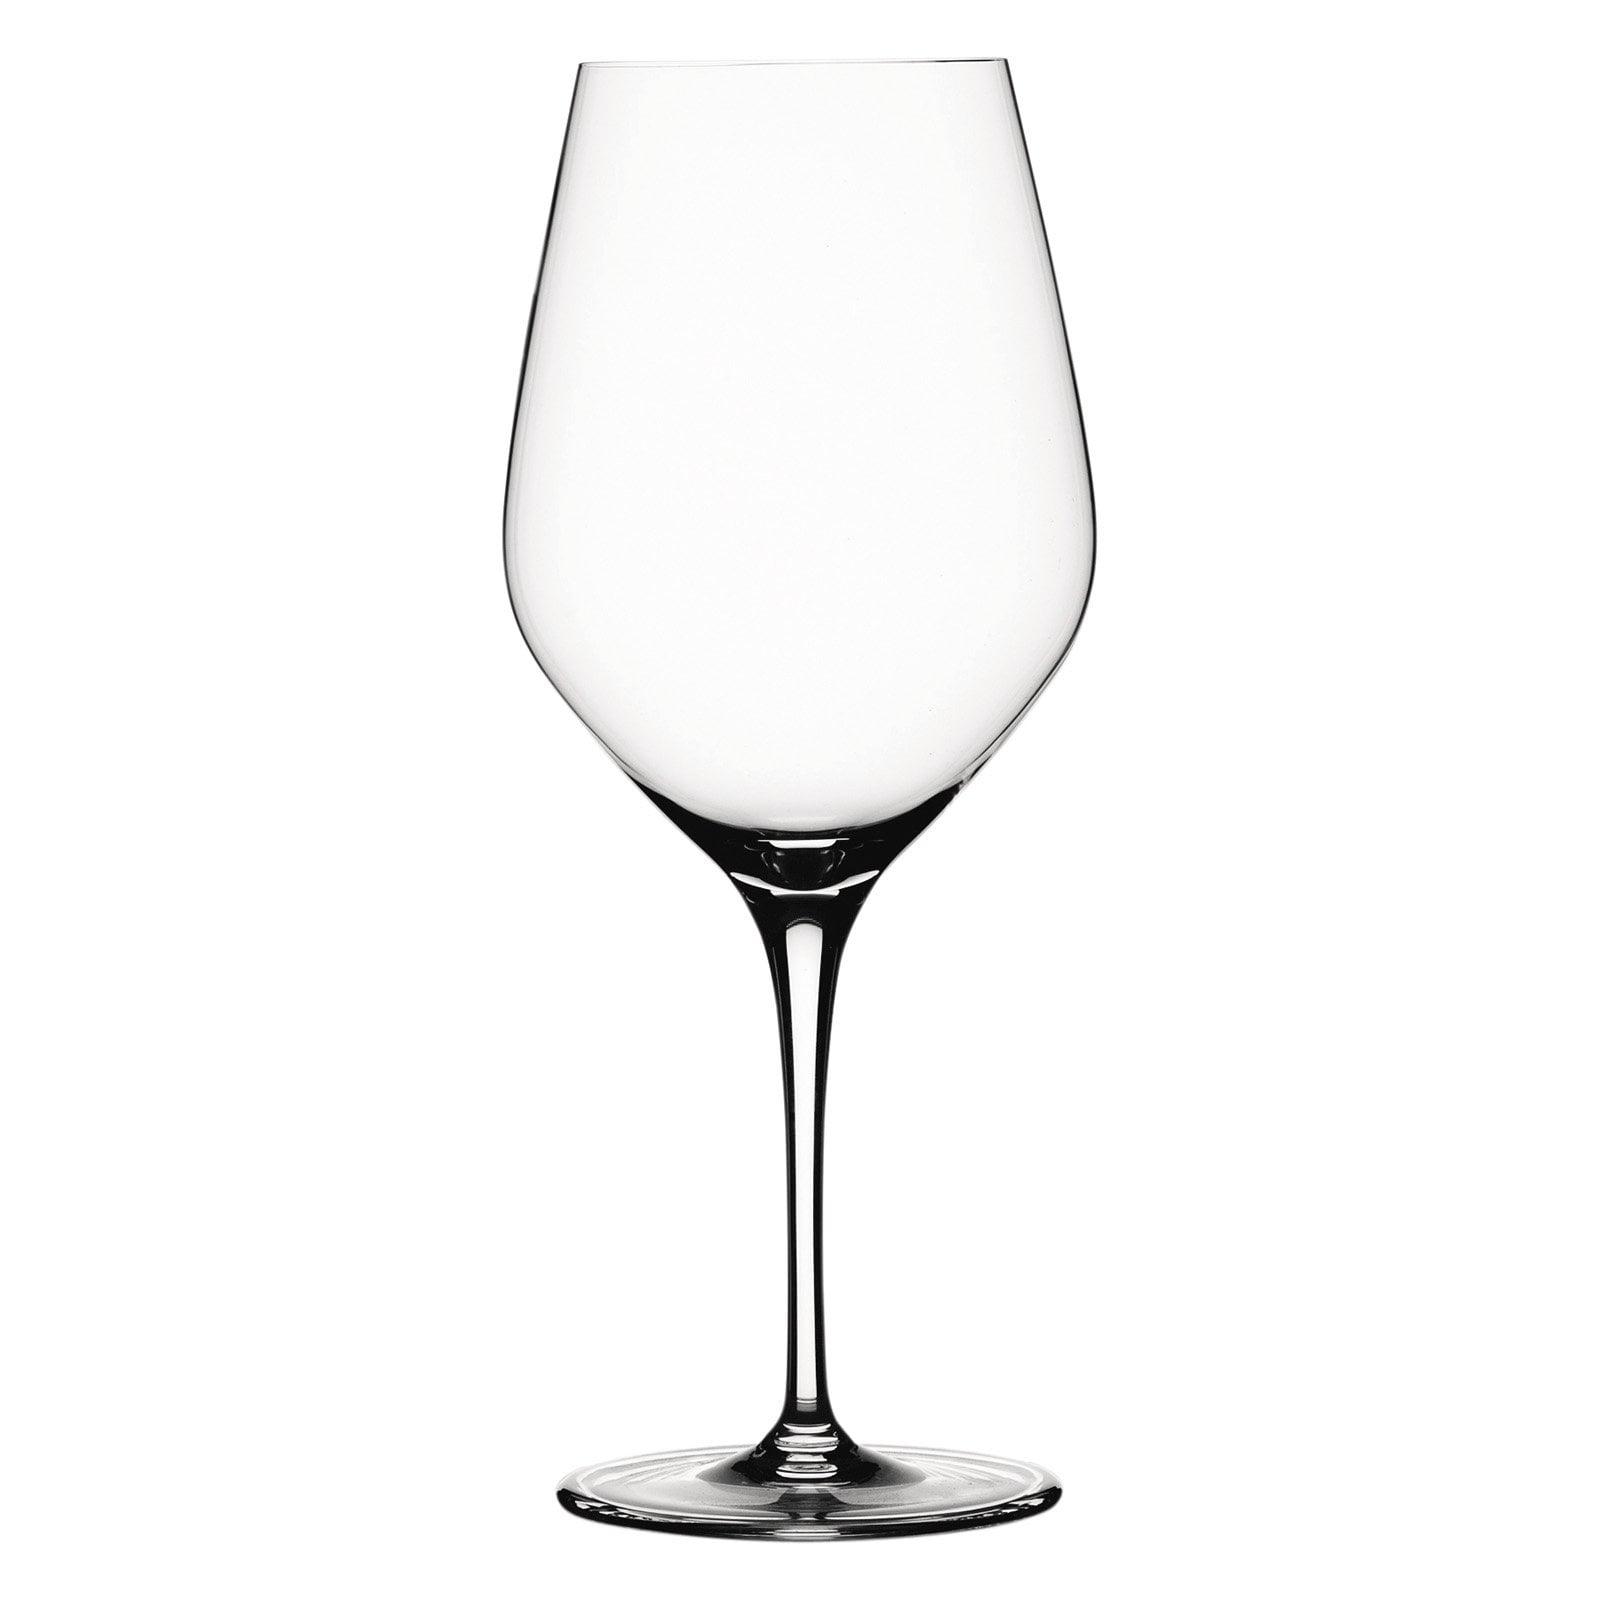 Spiegelau Authentis Bordeaux Glass Set of 4 by Spiegelau